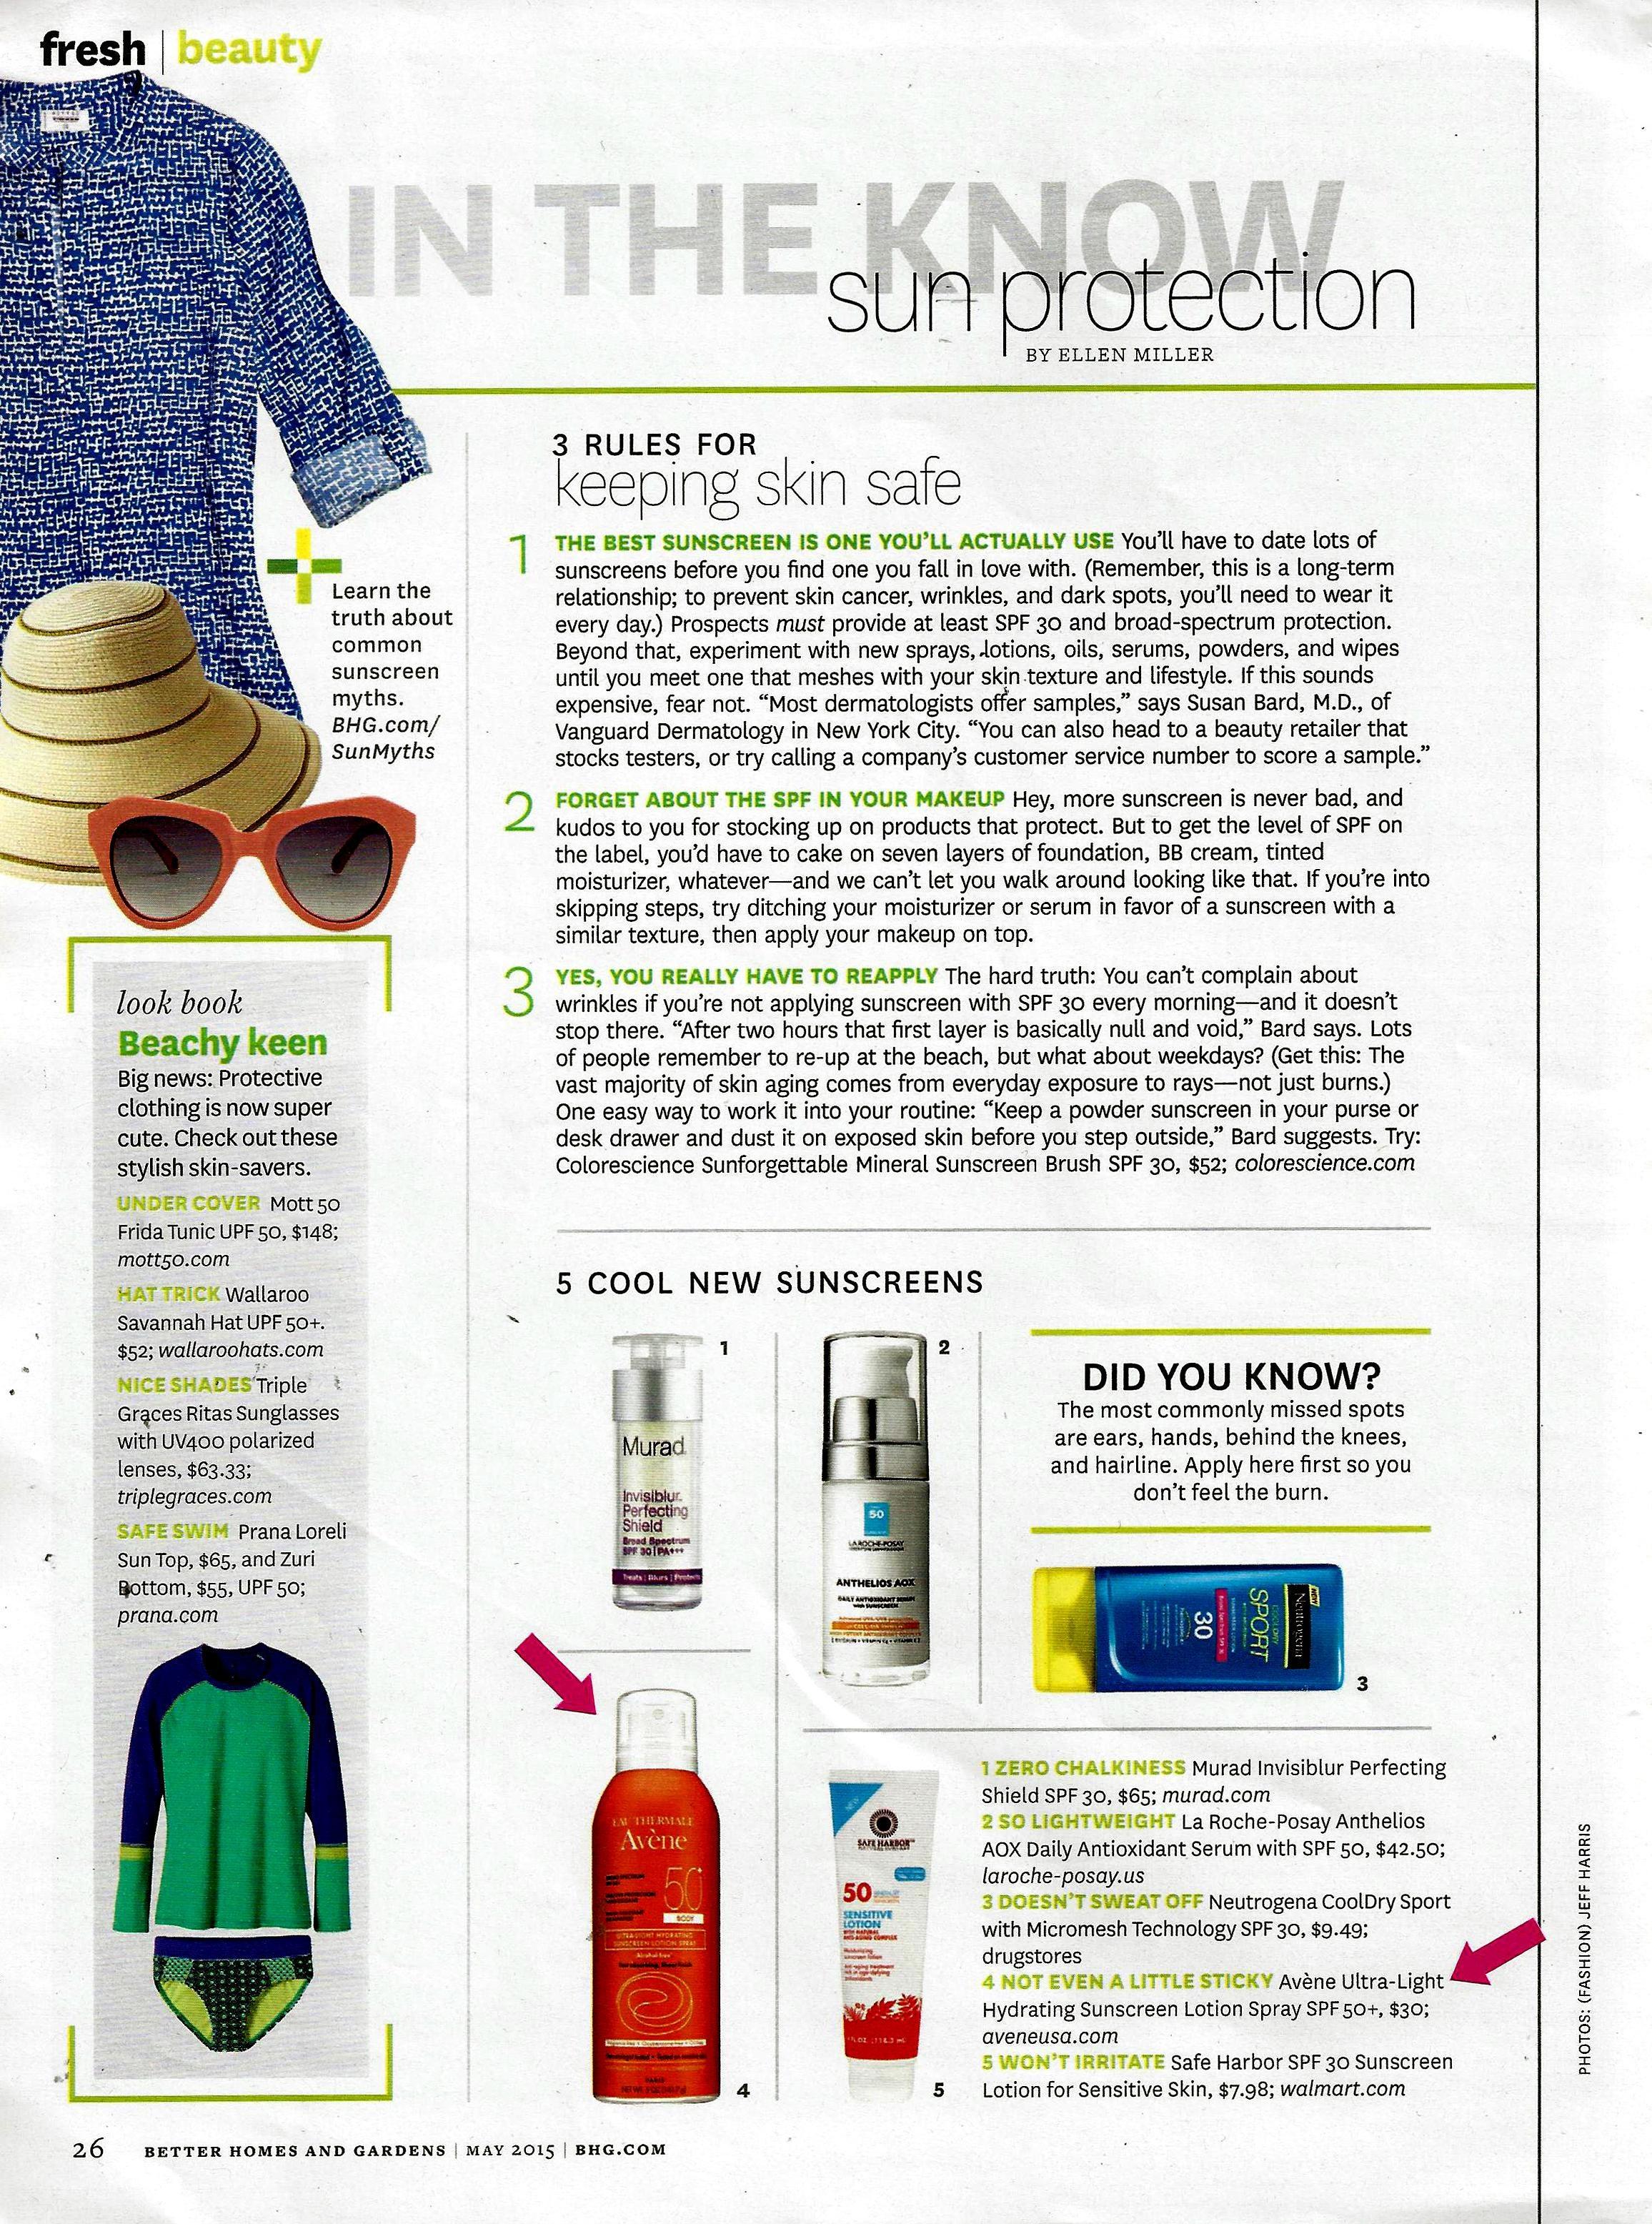 Ultra Light Hydrating Sunscreen Lotion Spray Spf 50 Av Ne